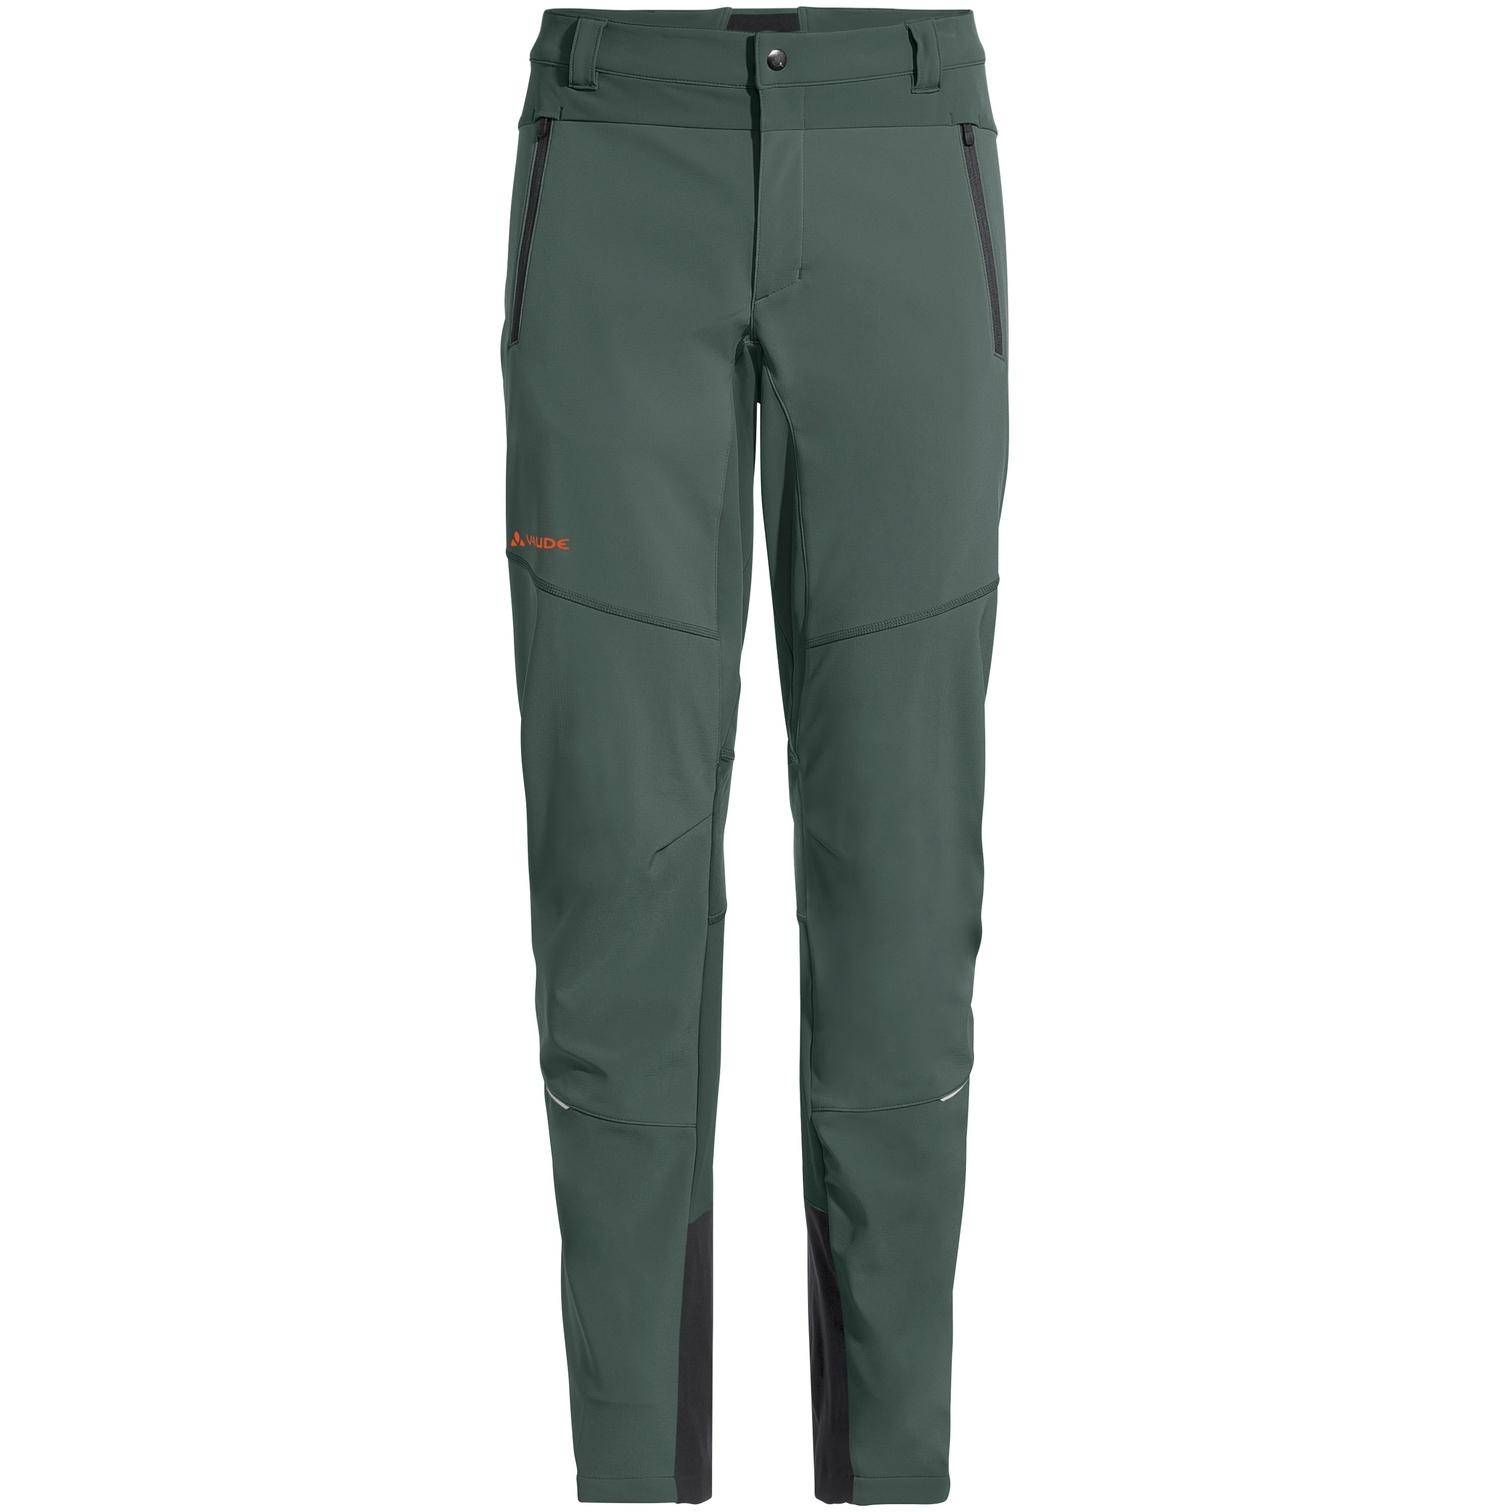 Vaude Men's Larice Pants III - dusty forest